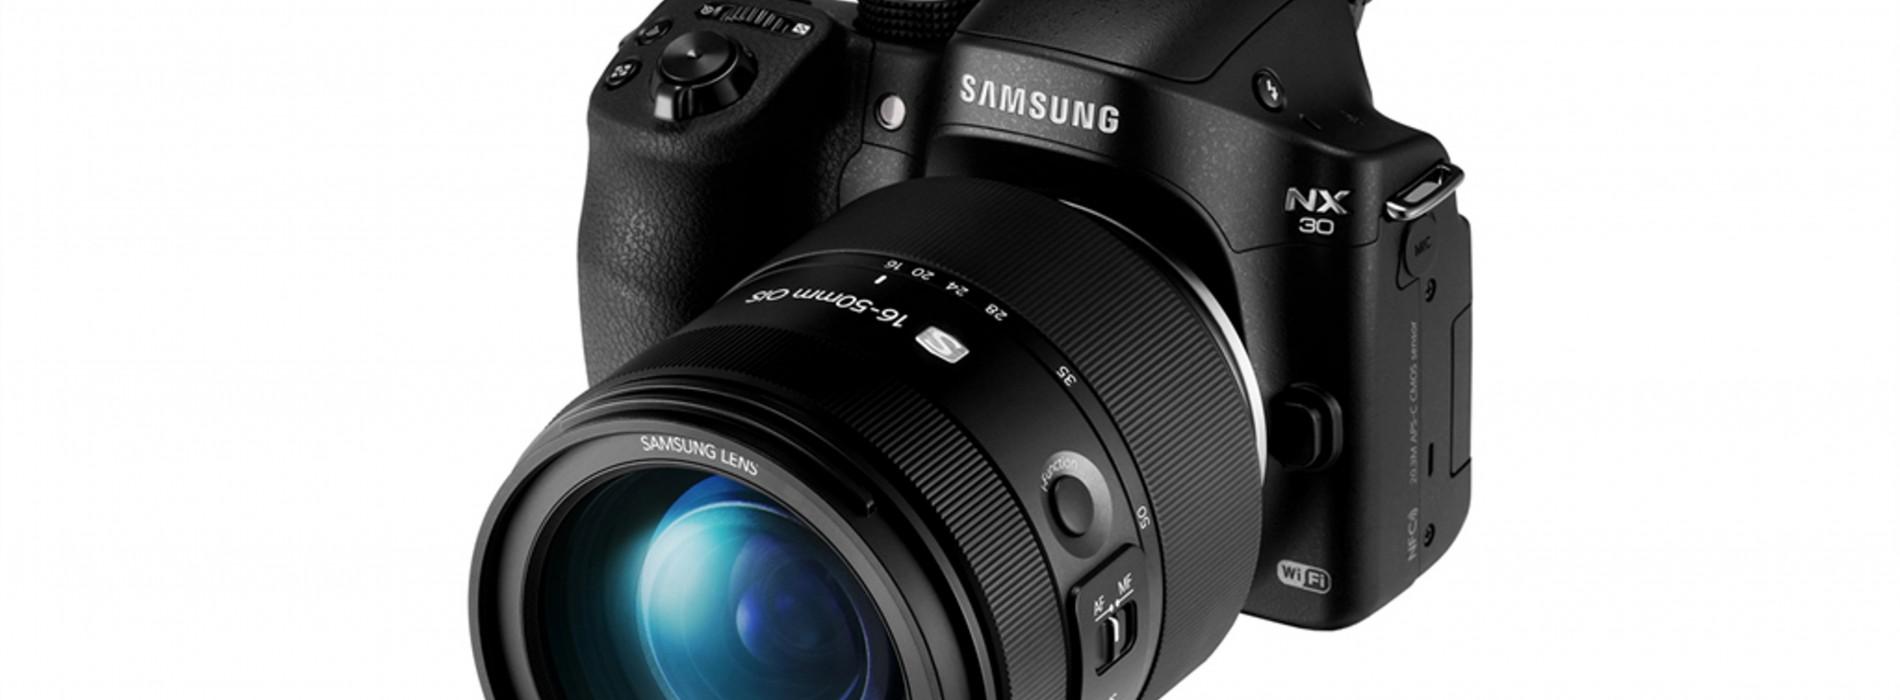 NX30 imágenes de gran calidad y desempeño veloz